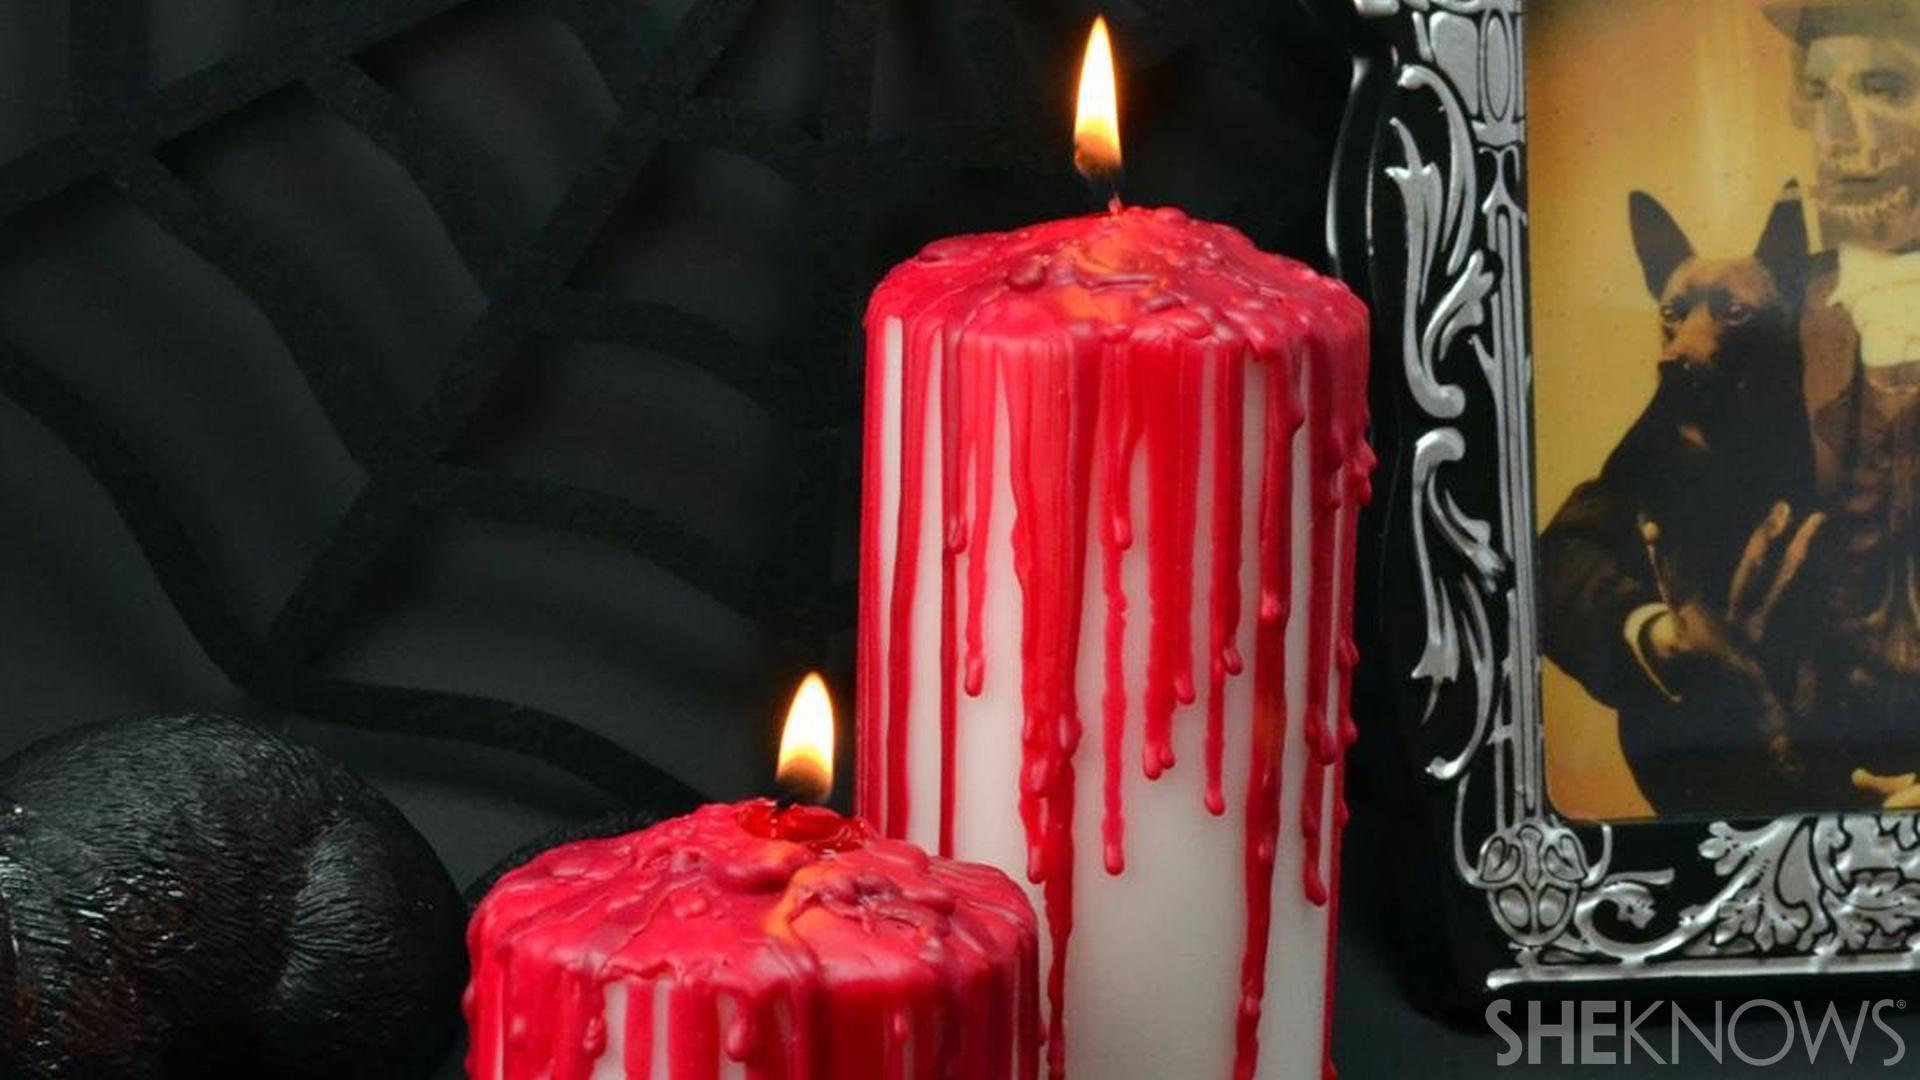 Hechizos con velas rojizas.